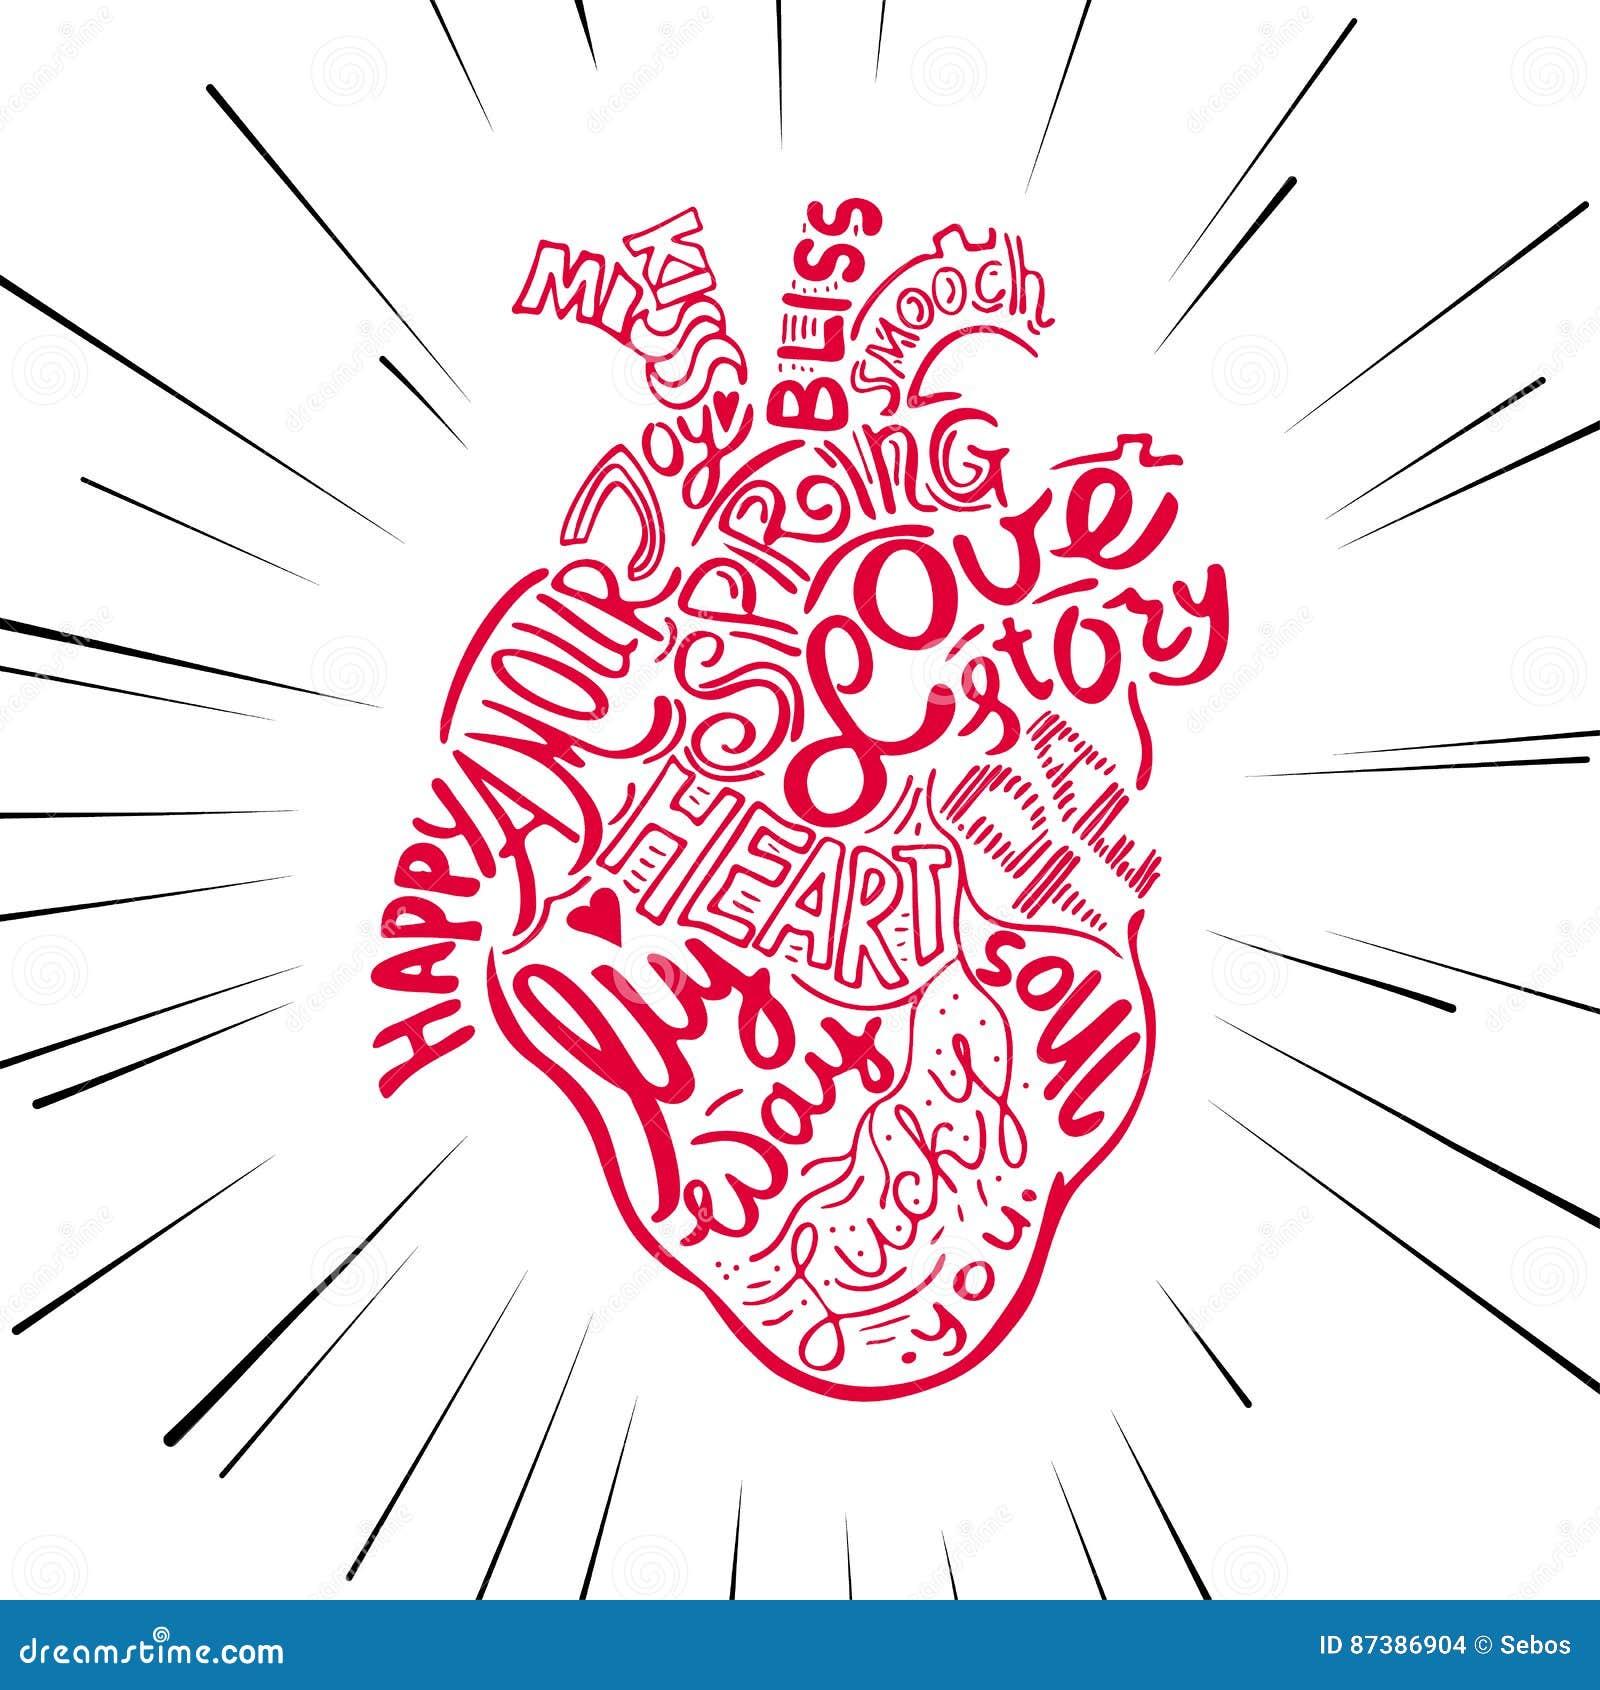 Coracao Anatomico Do Esboco Do Desenho Da Mao Rotulando A